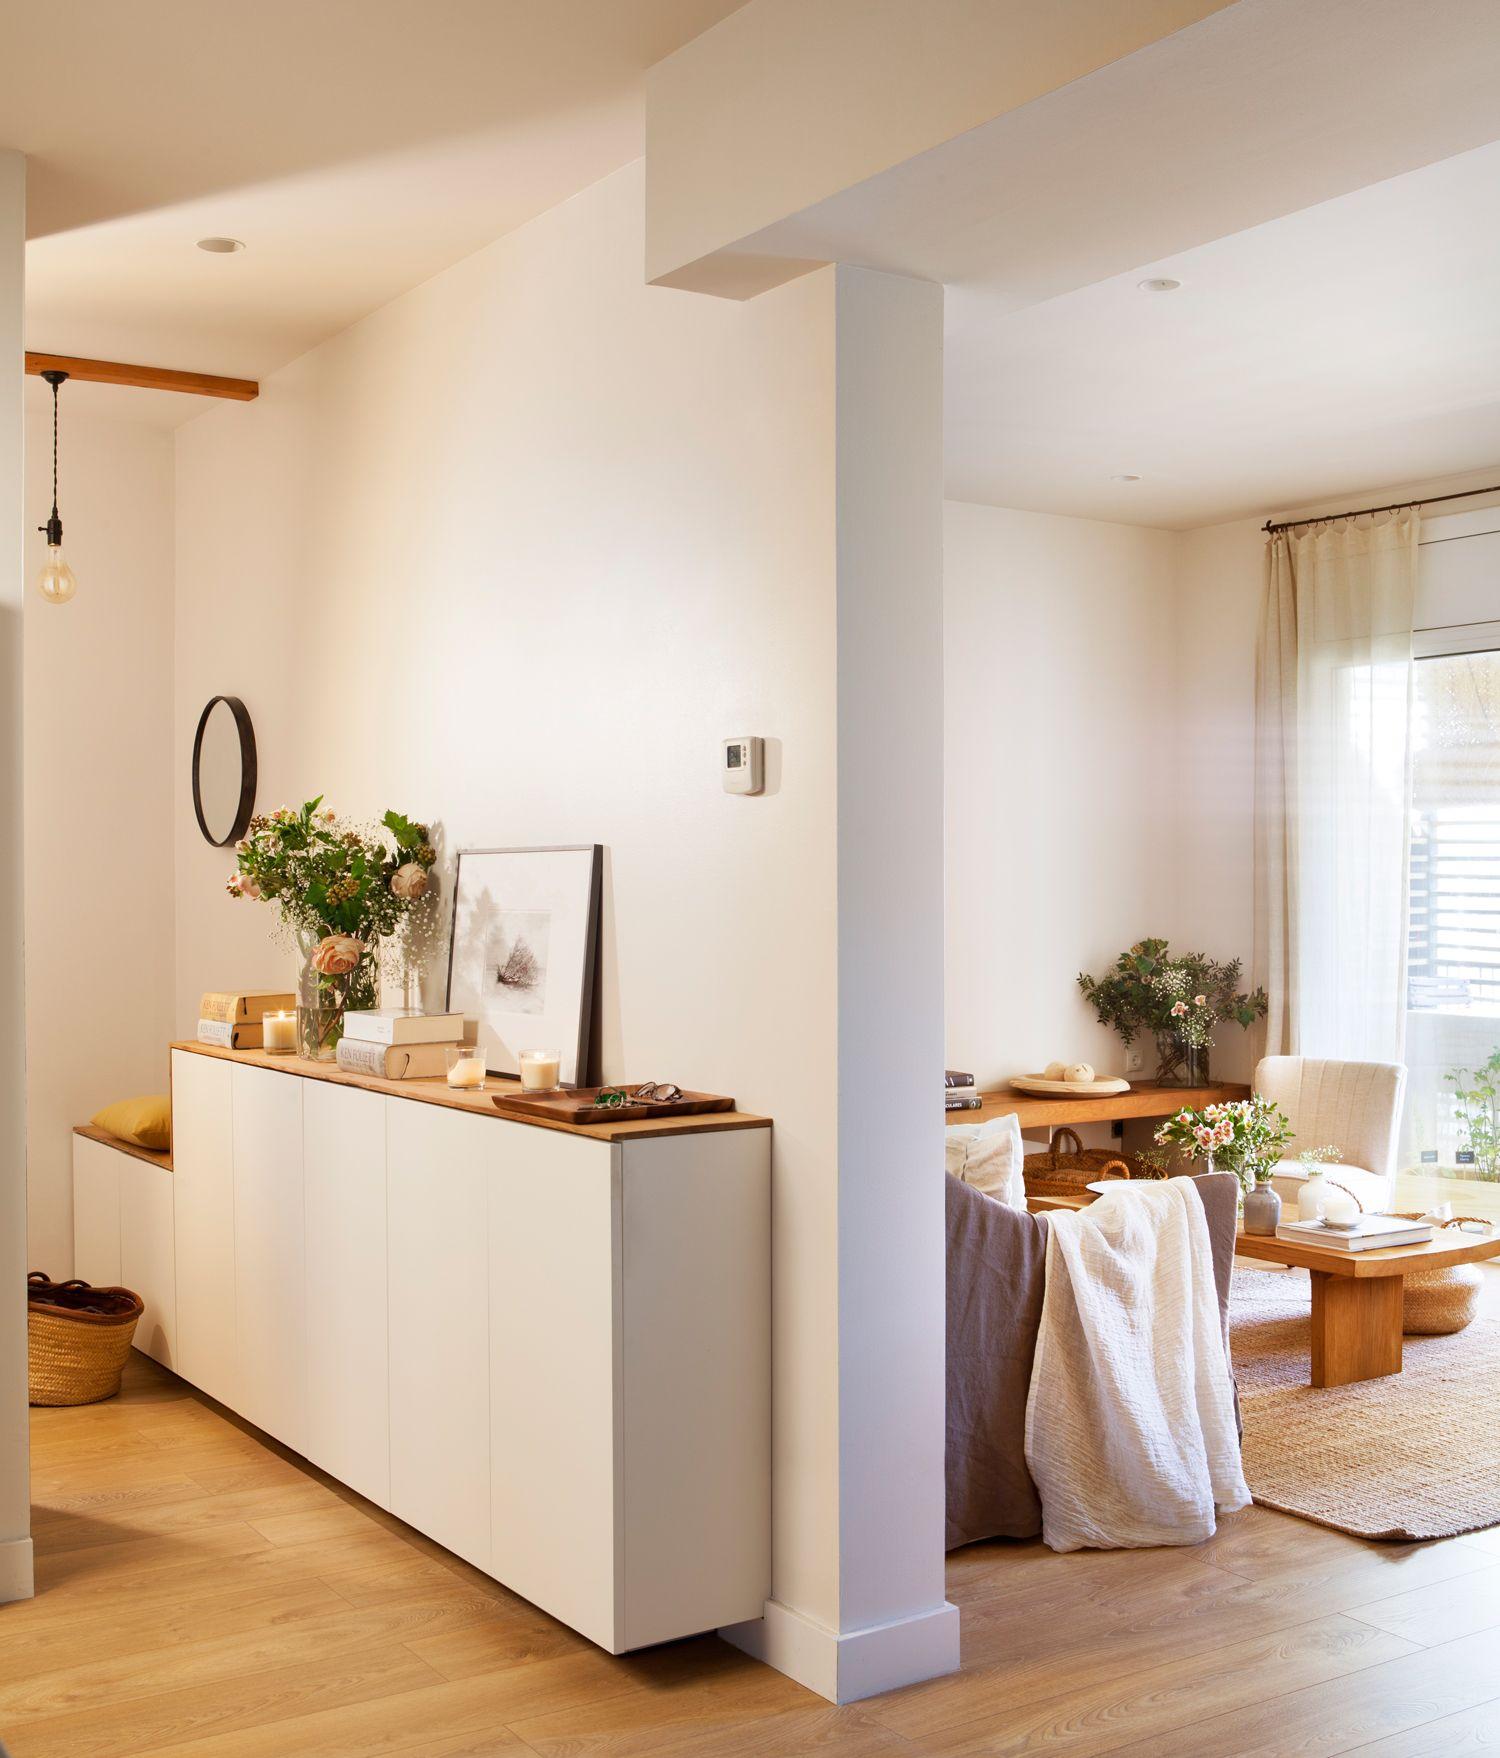 10 ideas geniales para recibidores peque os recibidores for Ideas decoracion recibidor